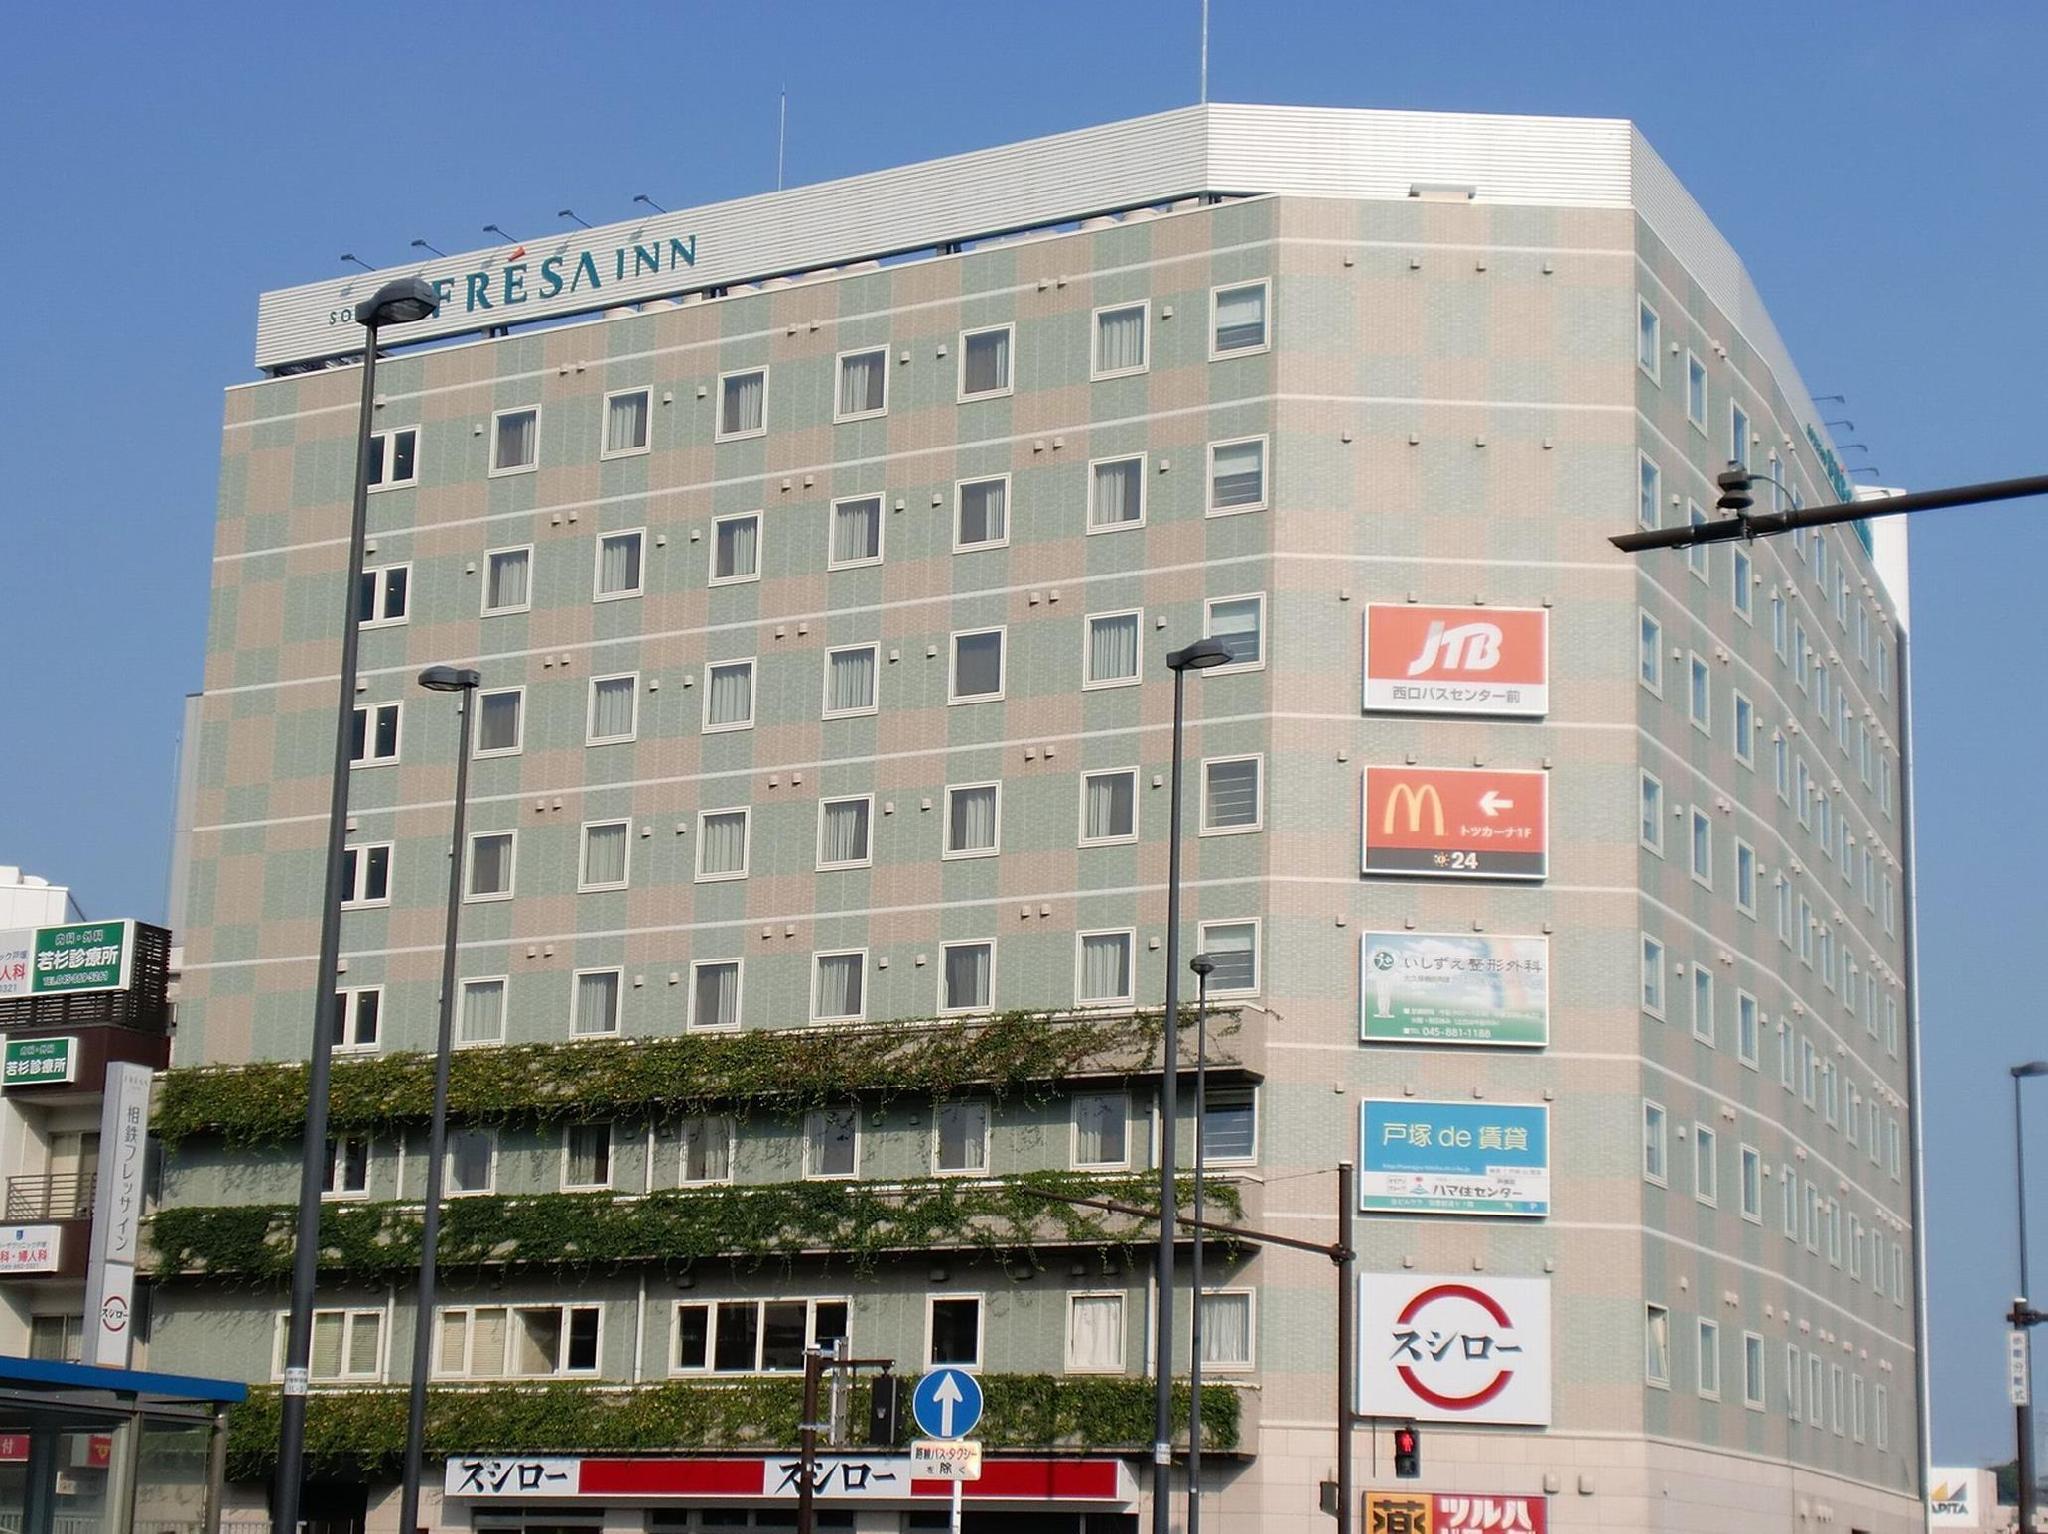 相鐵FRESA INN - 橫濱戶塚 Sotetsu Fresa Inn Yokohama Totsuka